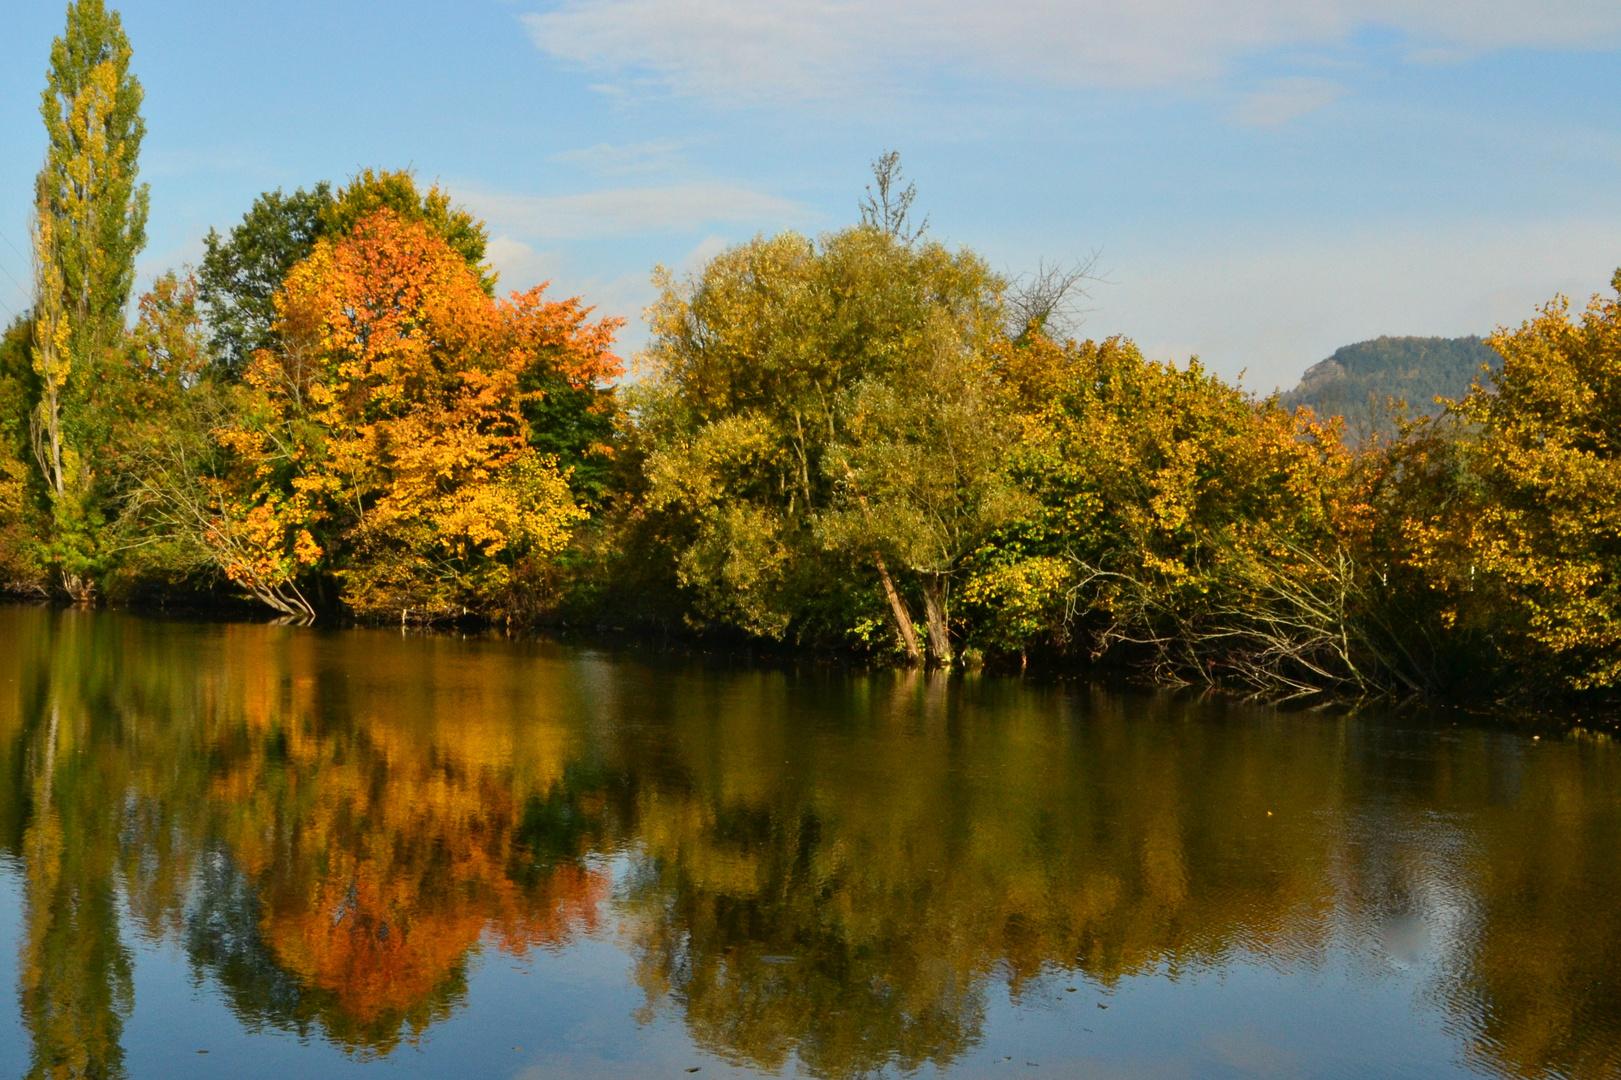 Saaleufer im Herbst